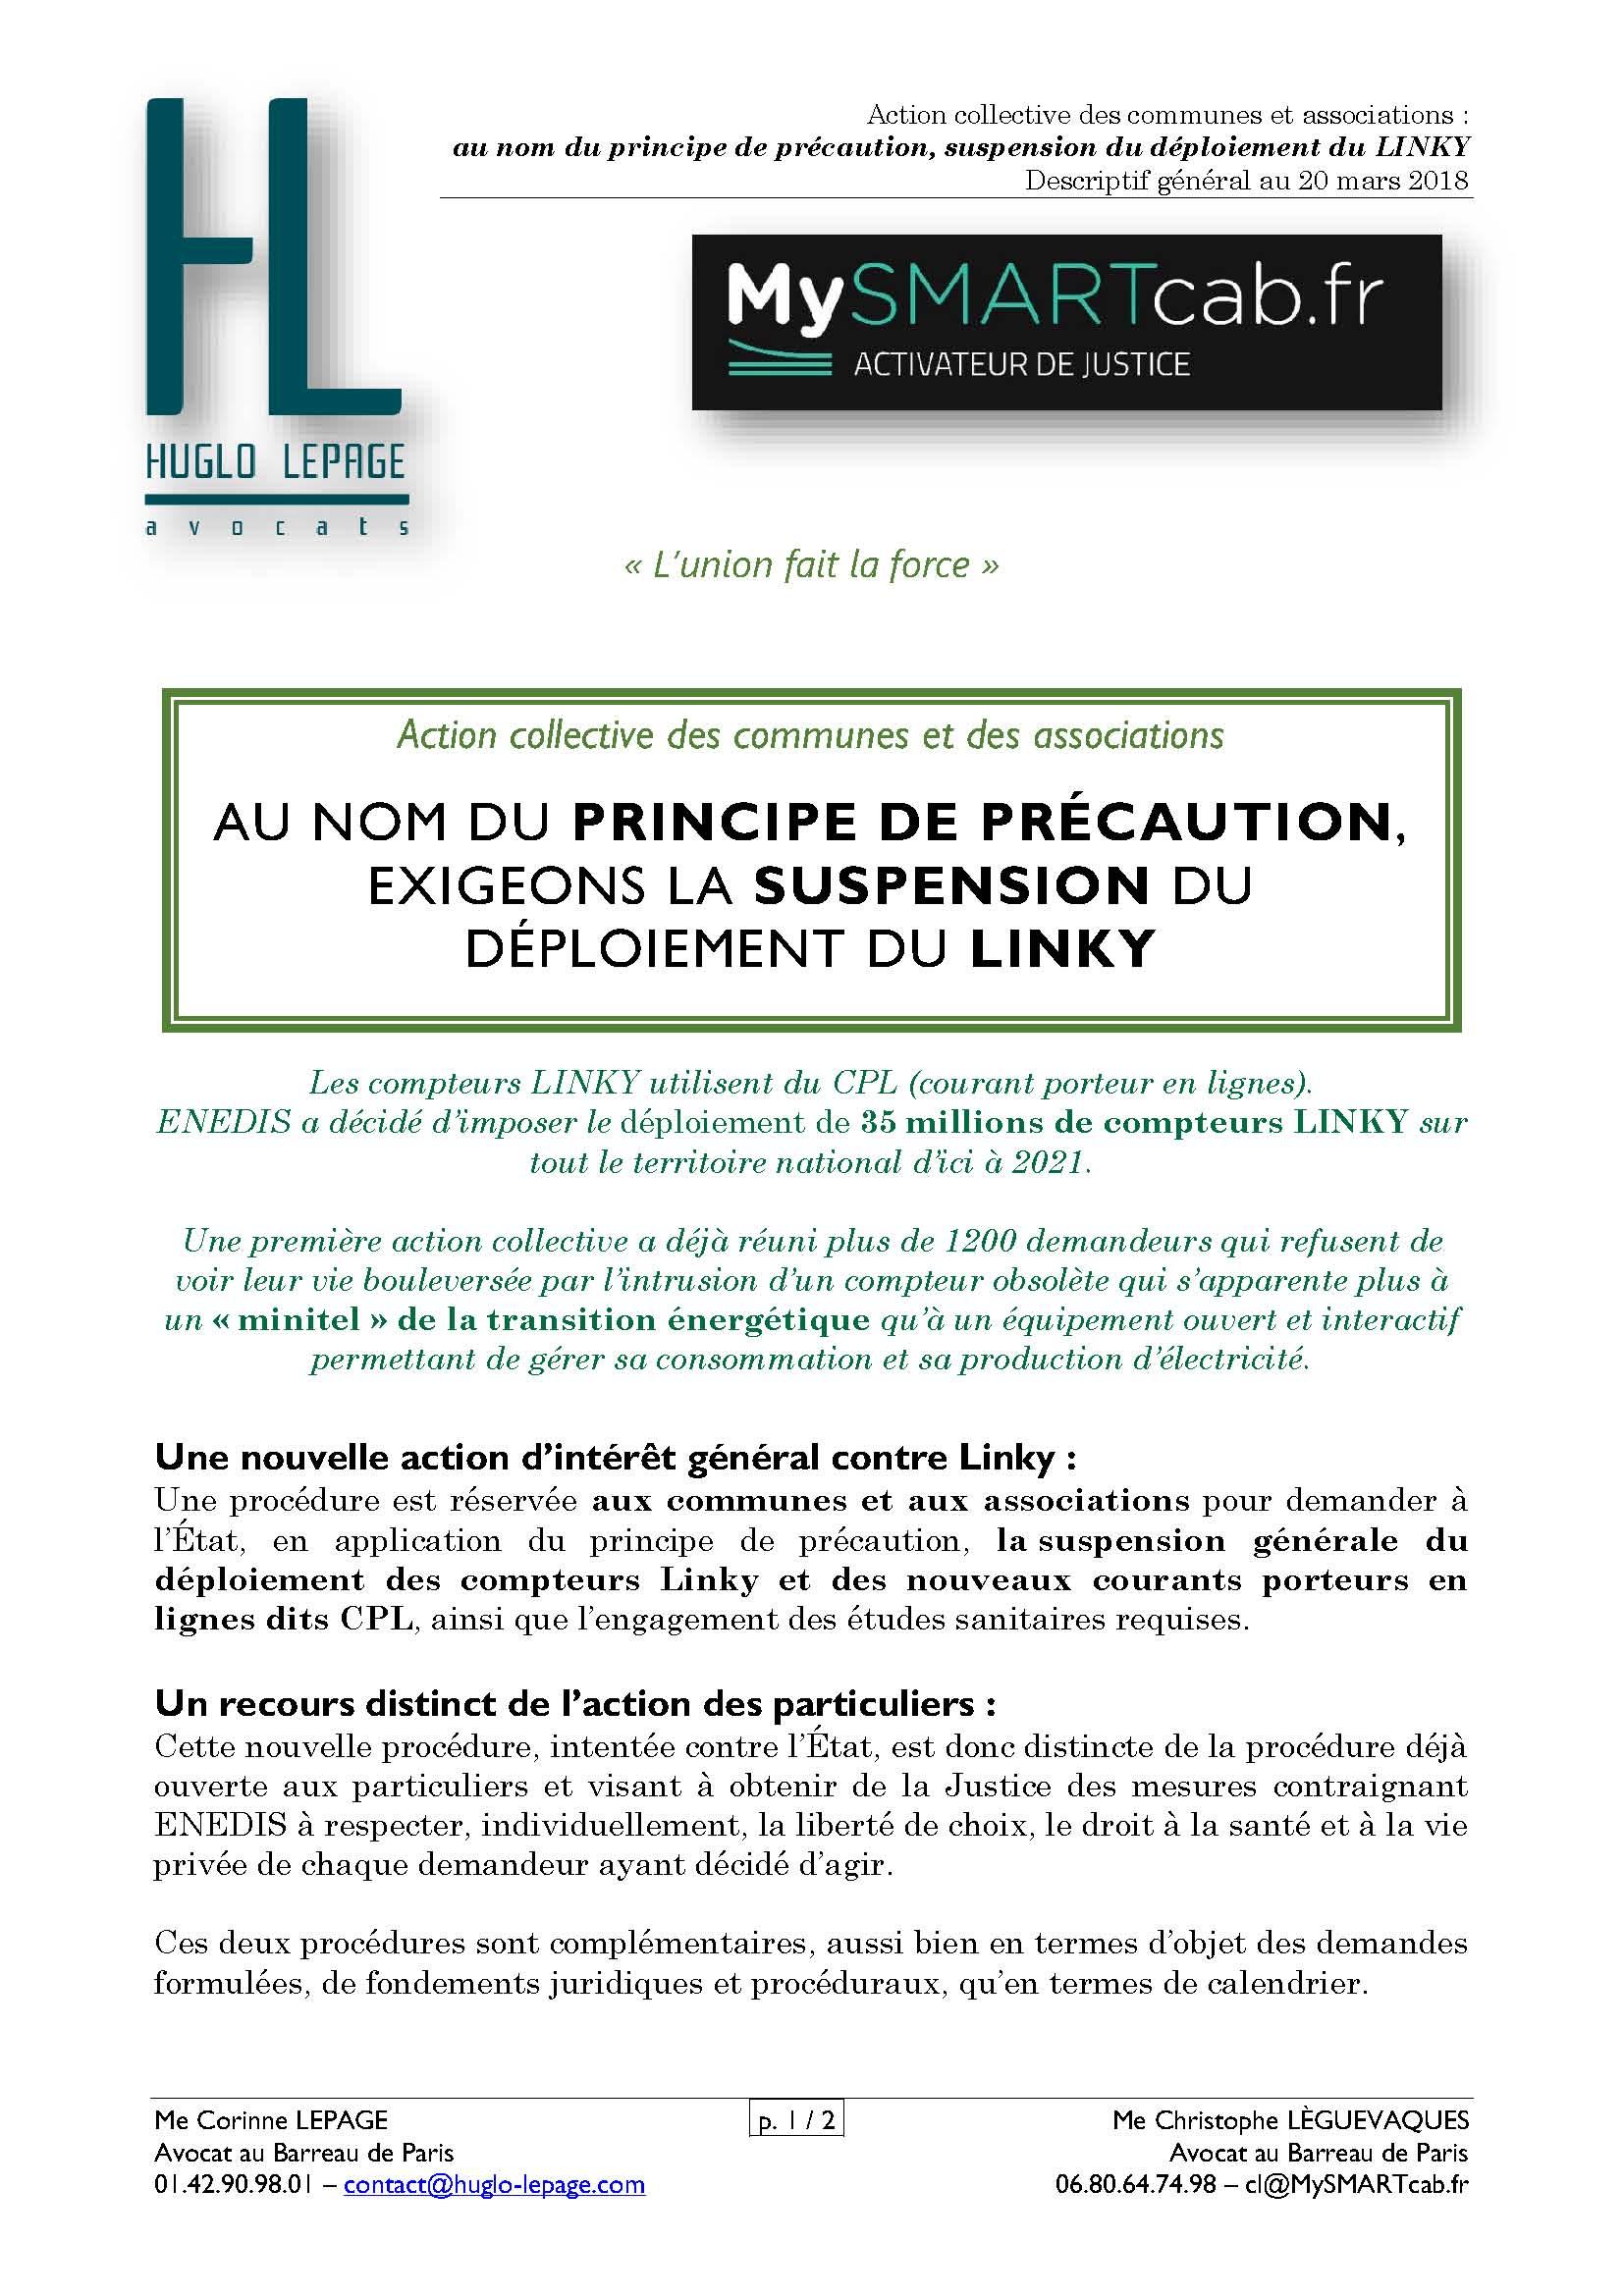 #LINKY : au nom du principe de précaution, exigeons la suspension du déploiement des compteurs Linky